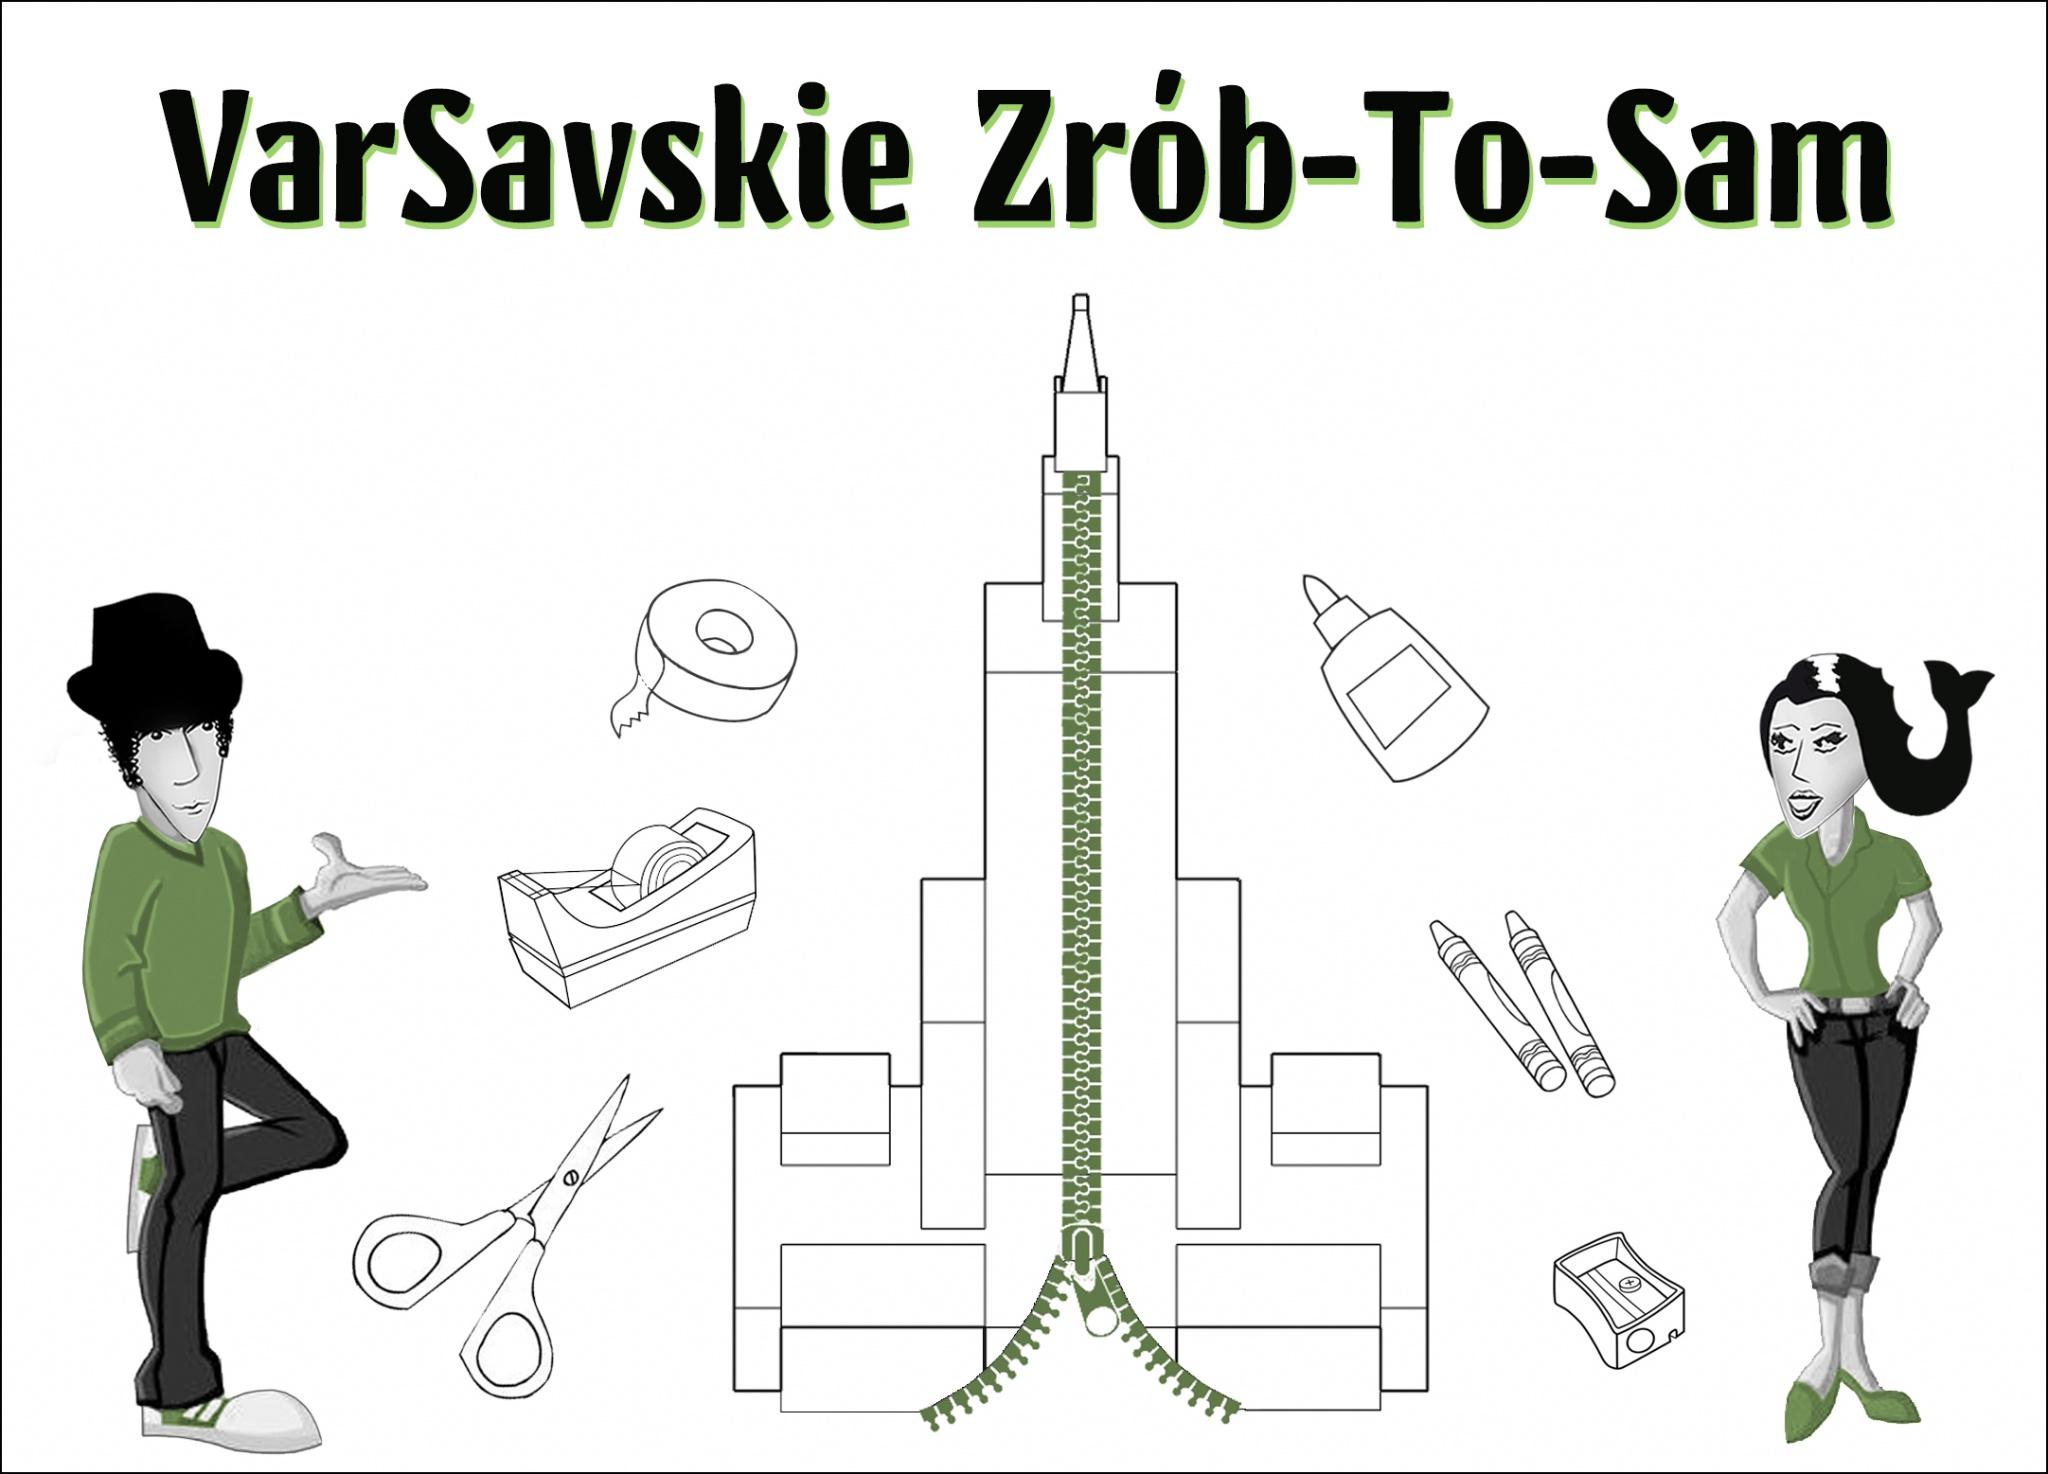 VarSavskie Zrob-To-Sam